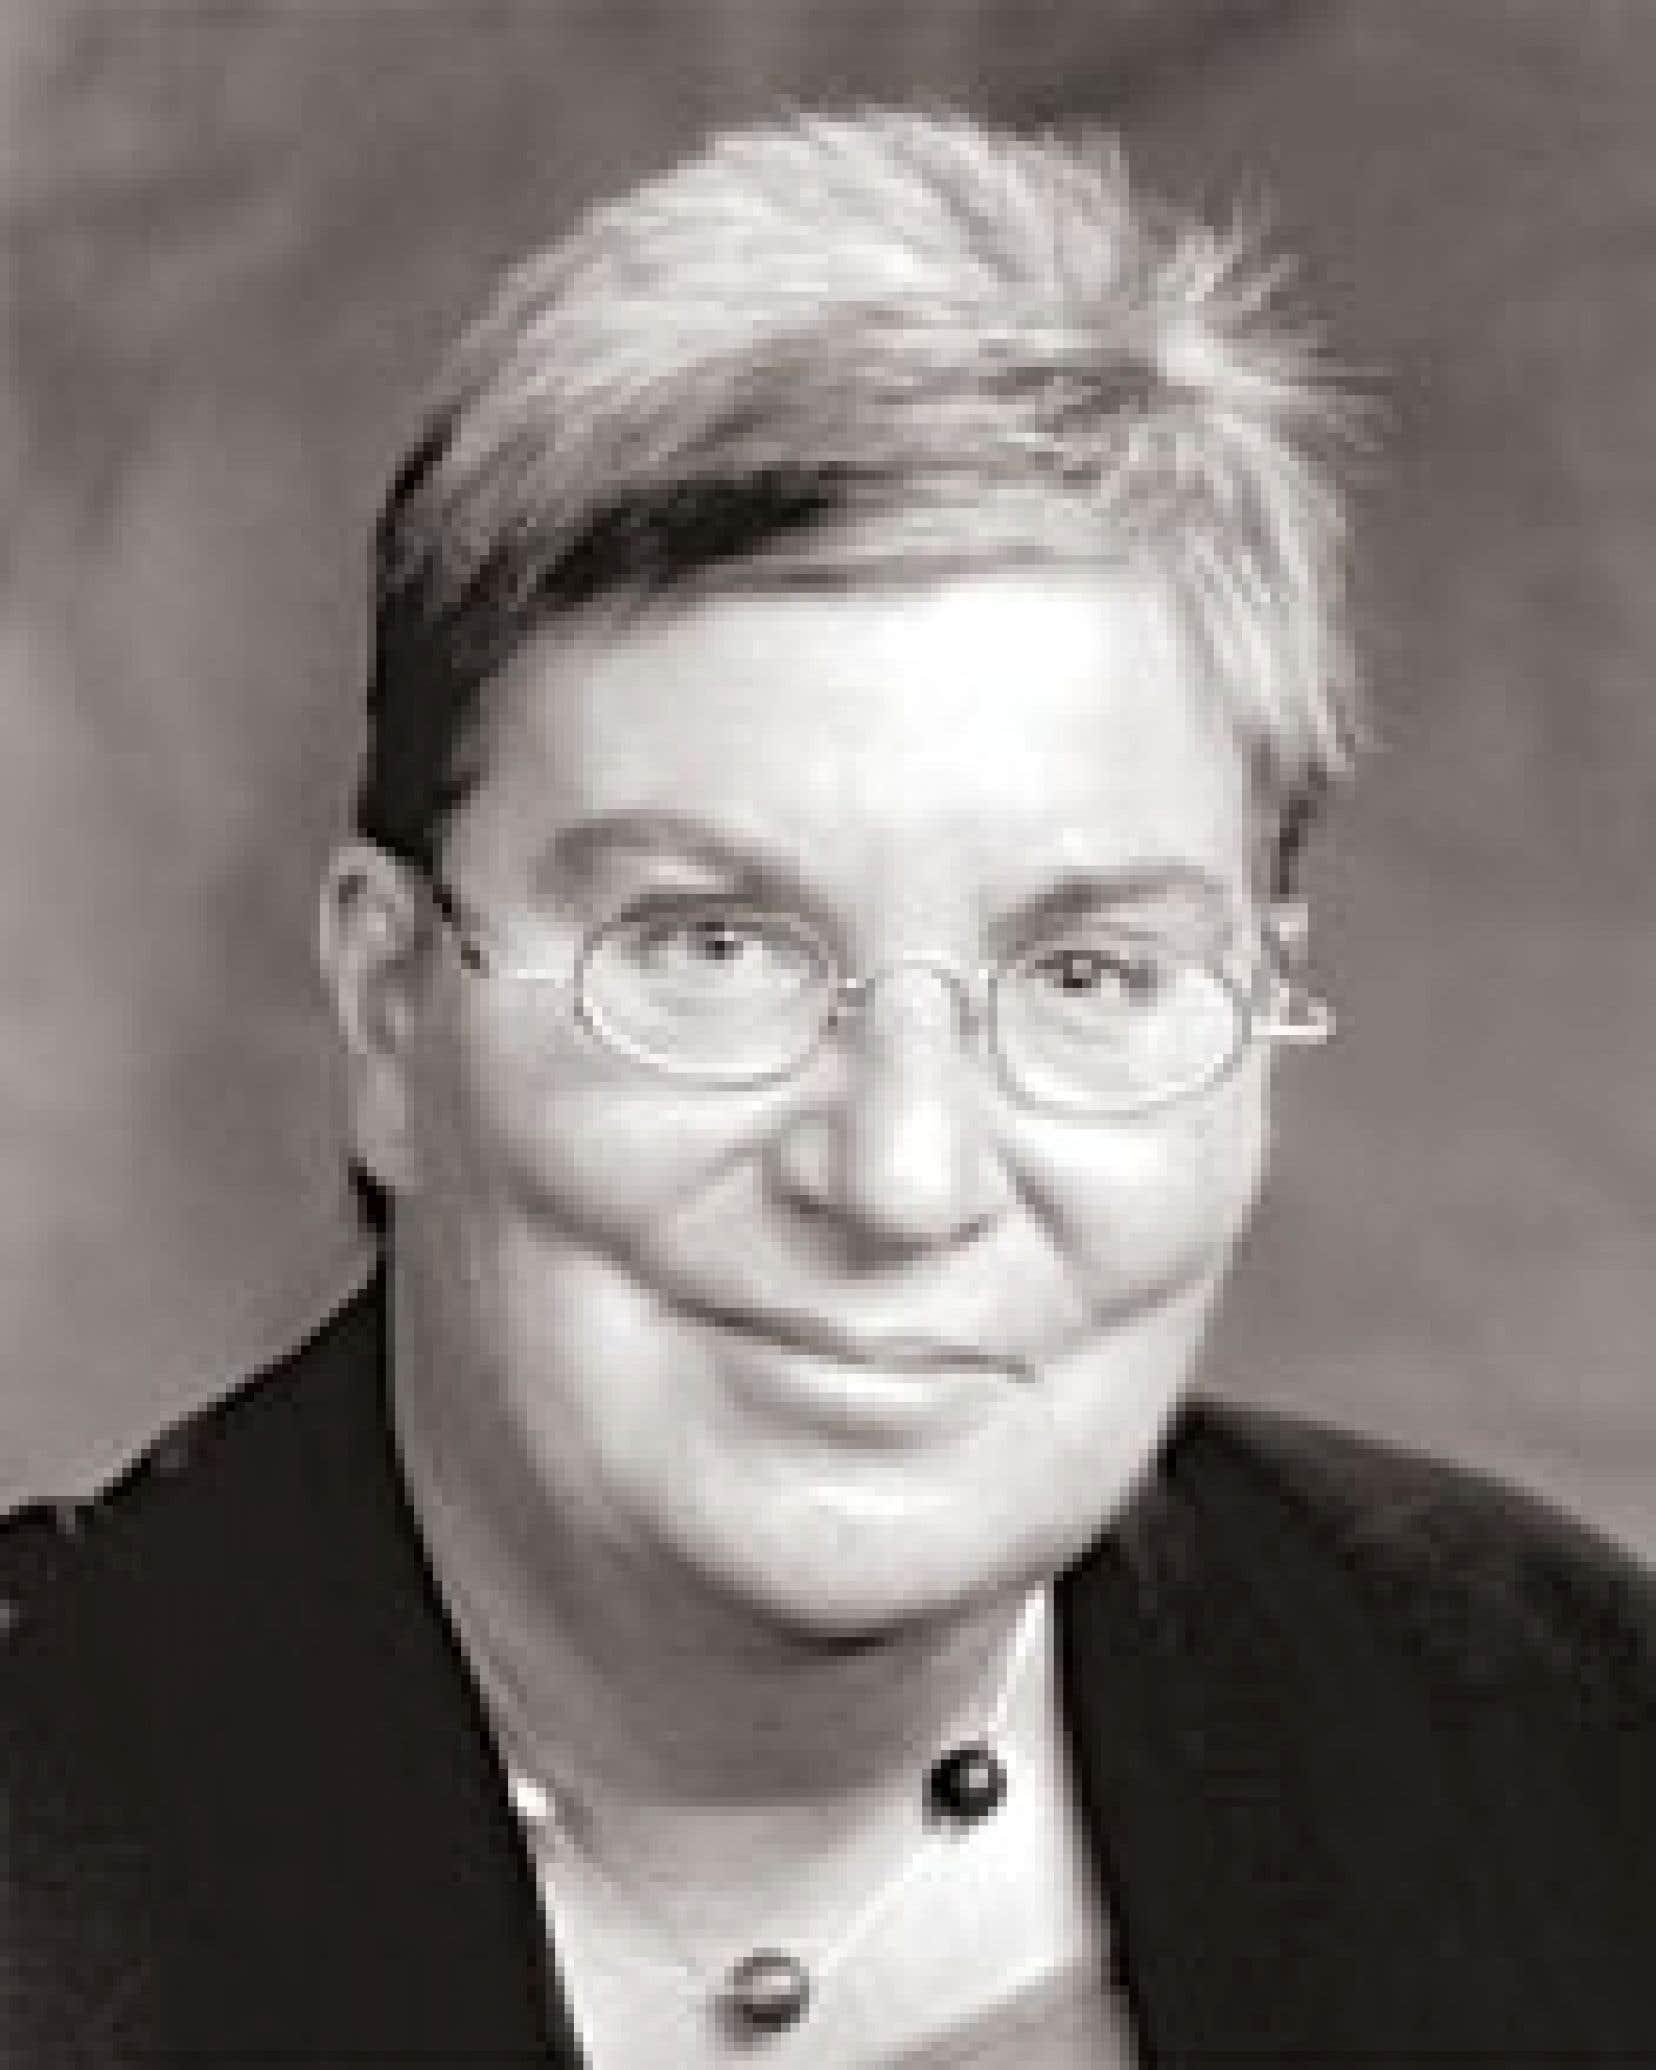 <em>&laquo;Une saine vie en d&eacute;mocratie passe par l&#39;appropriation de la recherche et de la science de la part de la soci&eacute;t&eacute;.&raquo;</em> &mdash; Louise Dandurand, pr&eacute;sidente de l&#39;ACFAS